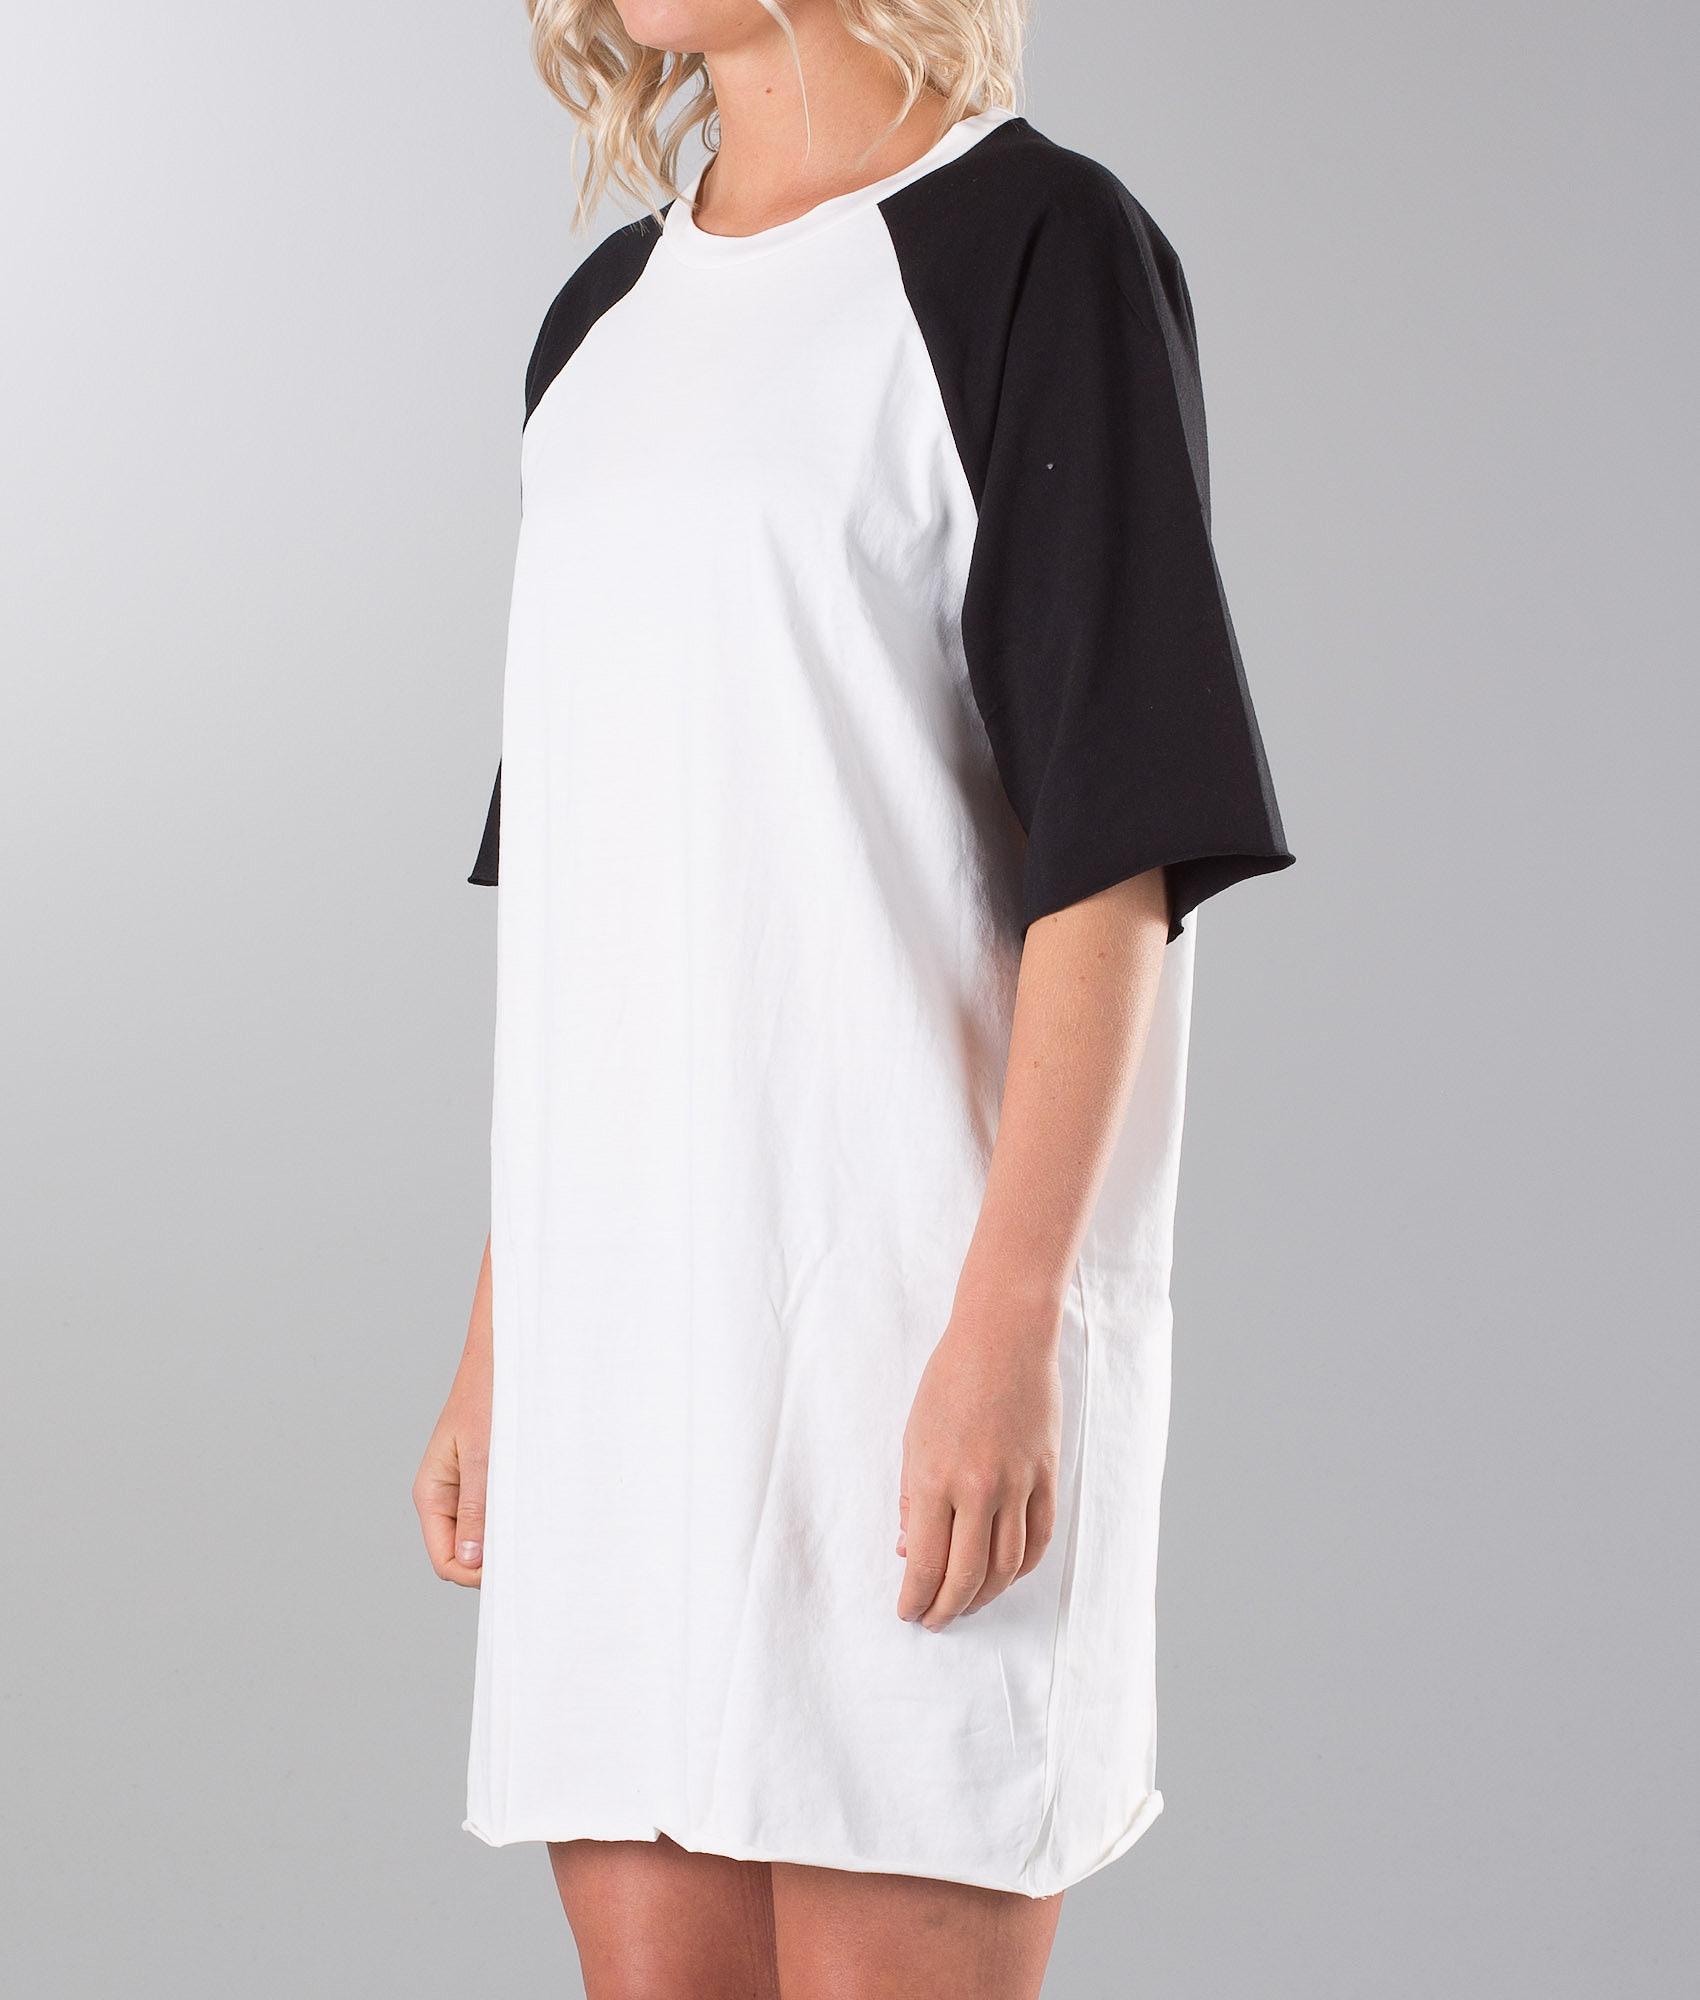 d24c107c98eb Dr Denim Sanya Vestito Black On White - Ridestore.it